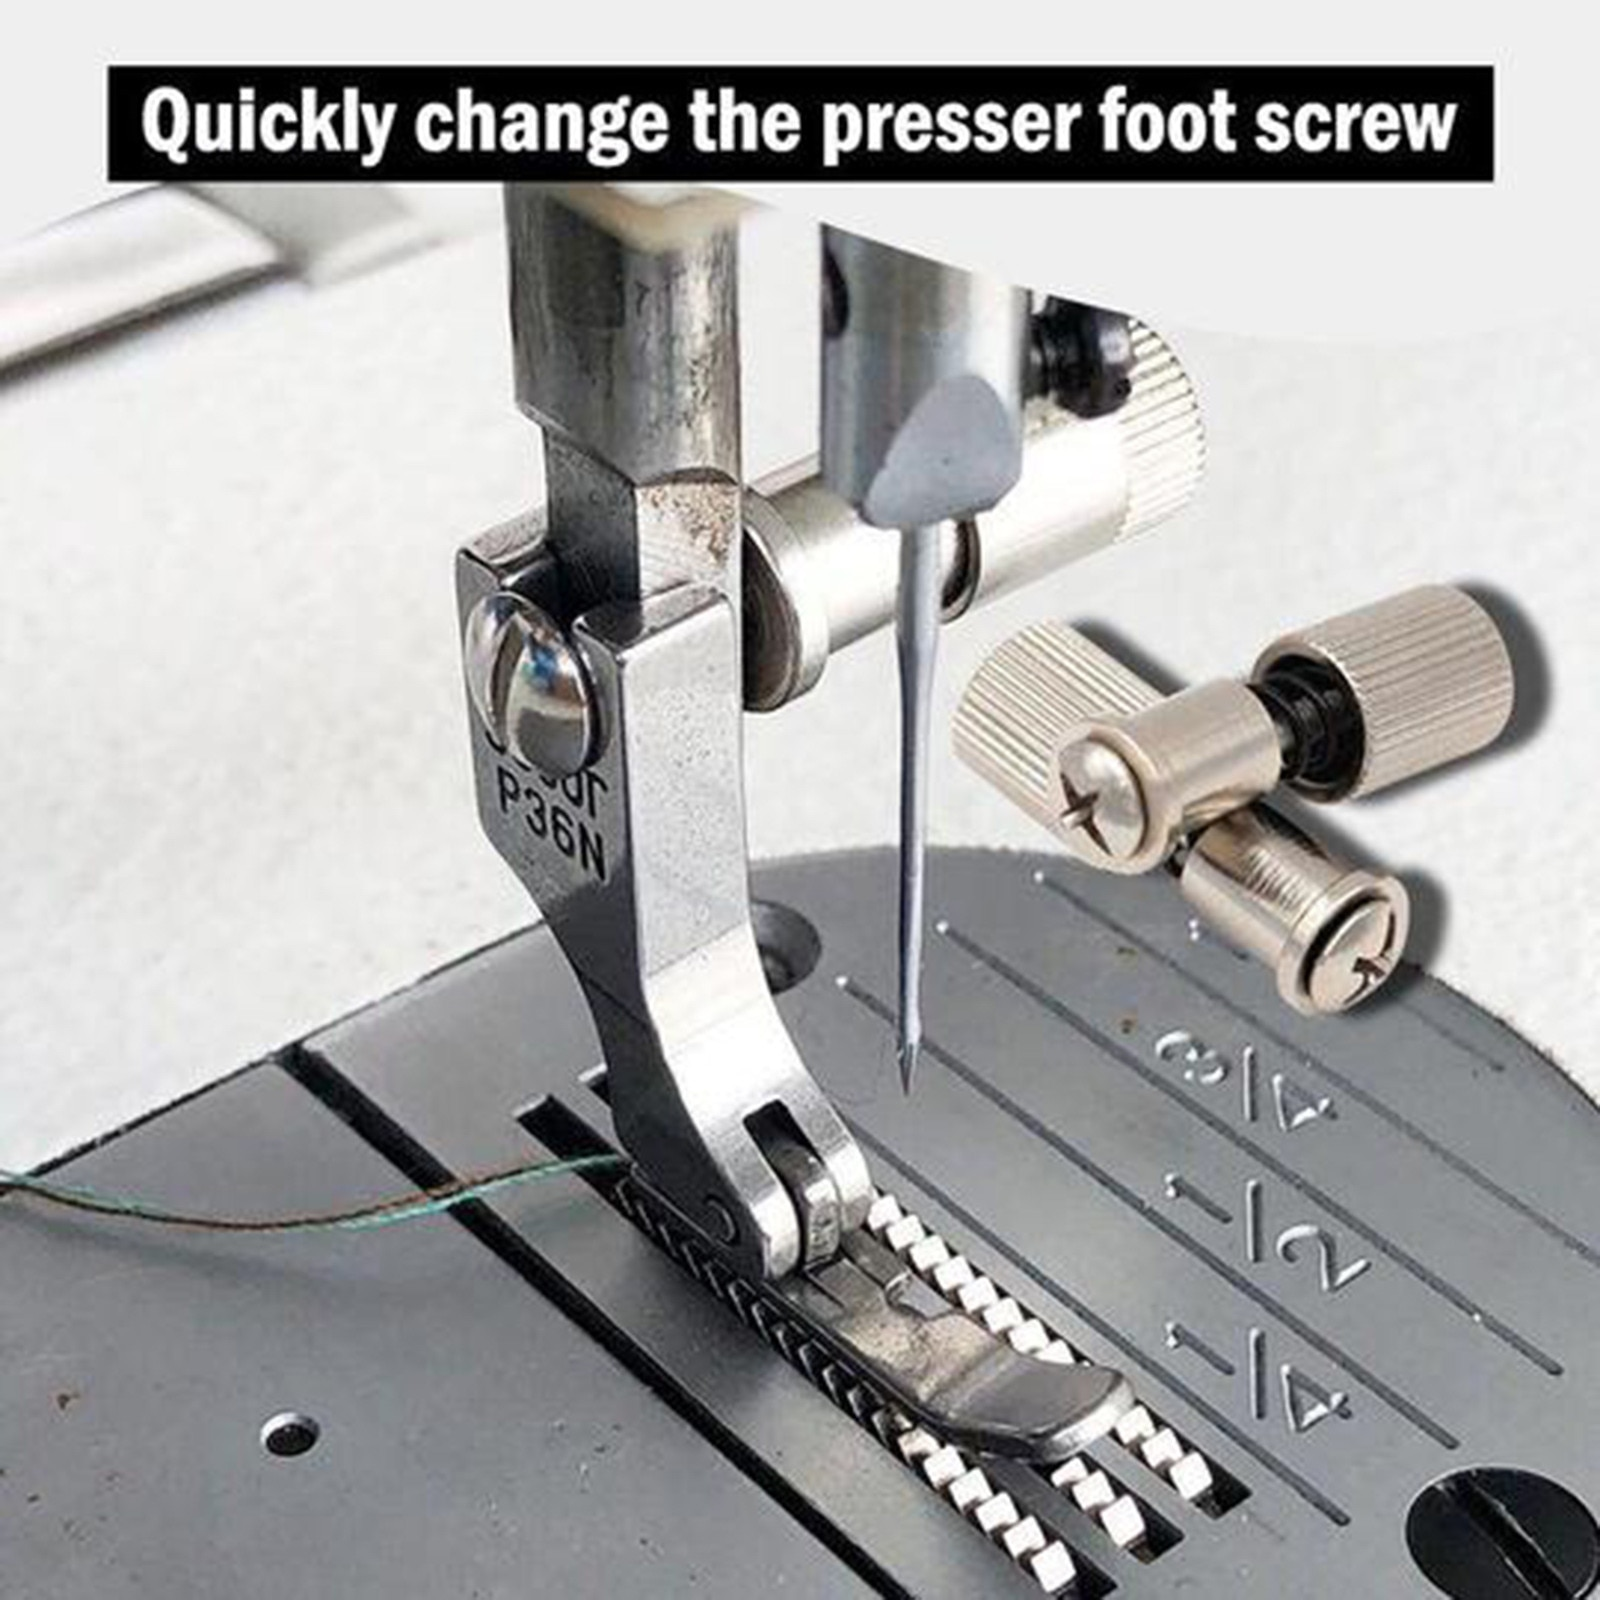 Nueva costura prensatelas para máquina, fácil de reemplazar, tornillo, abrazadera de resorte,...